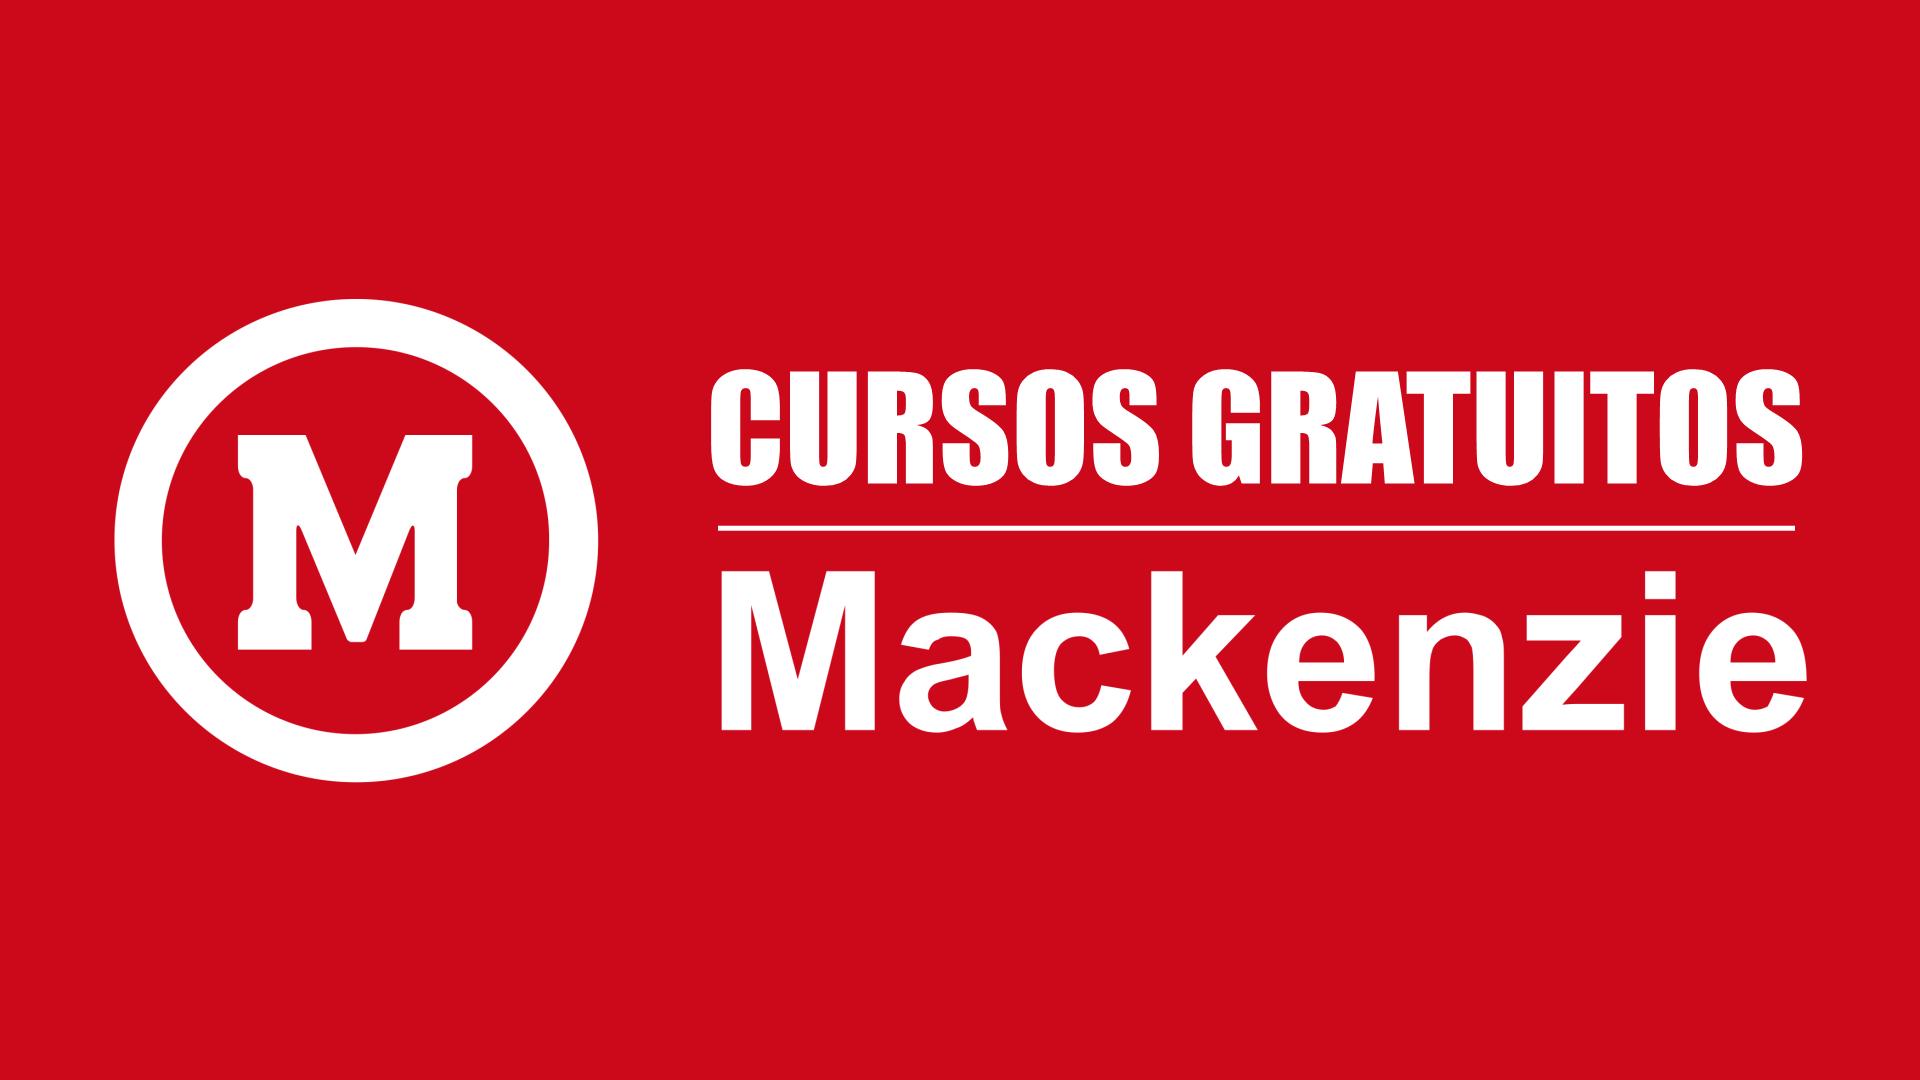 Cursos gratuitos mackenzie logo png fundo vermelho